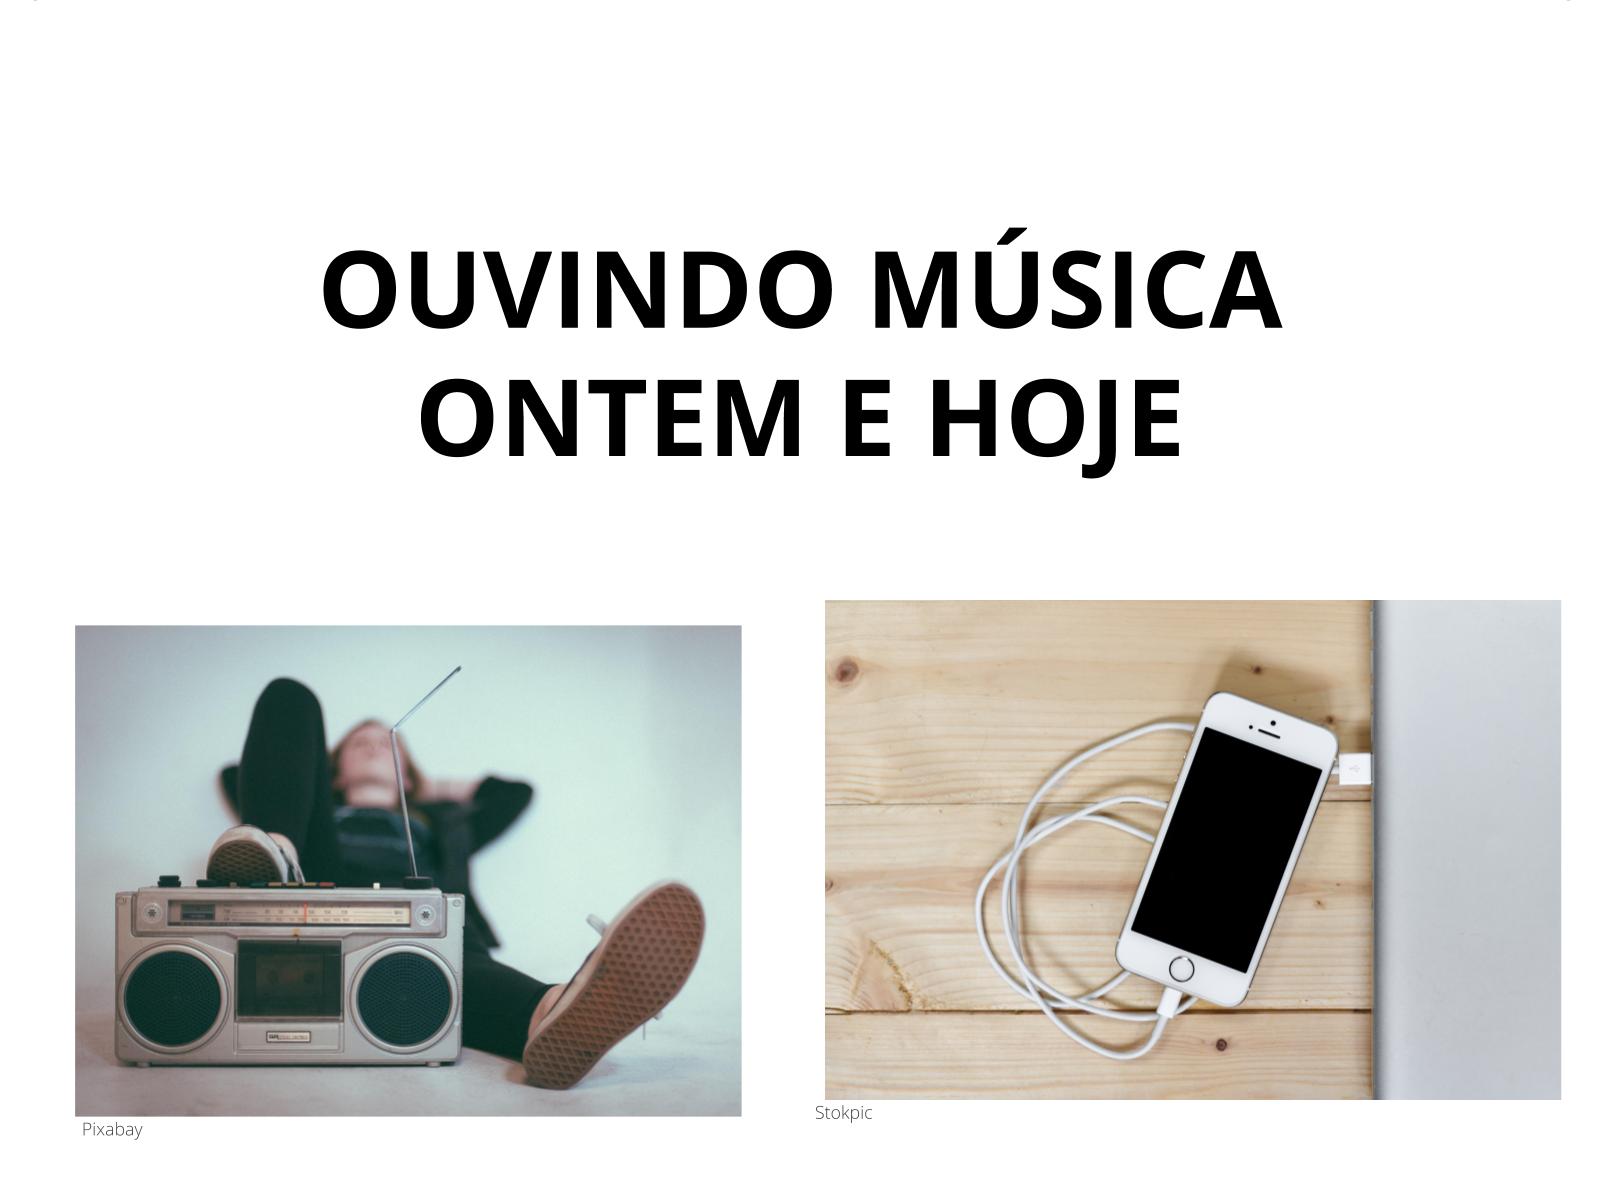 Memórias musicais